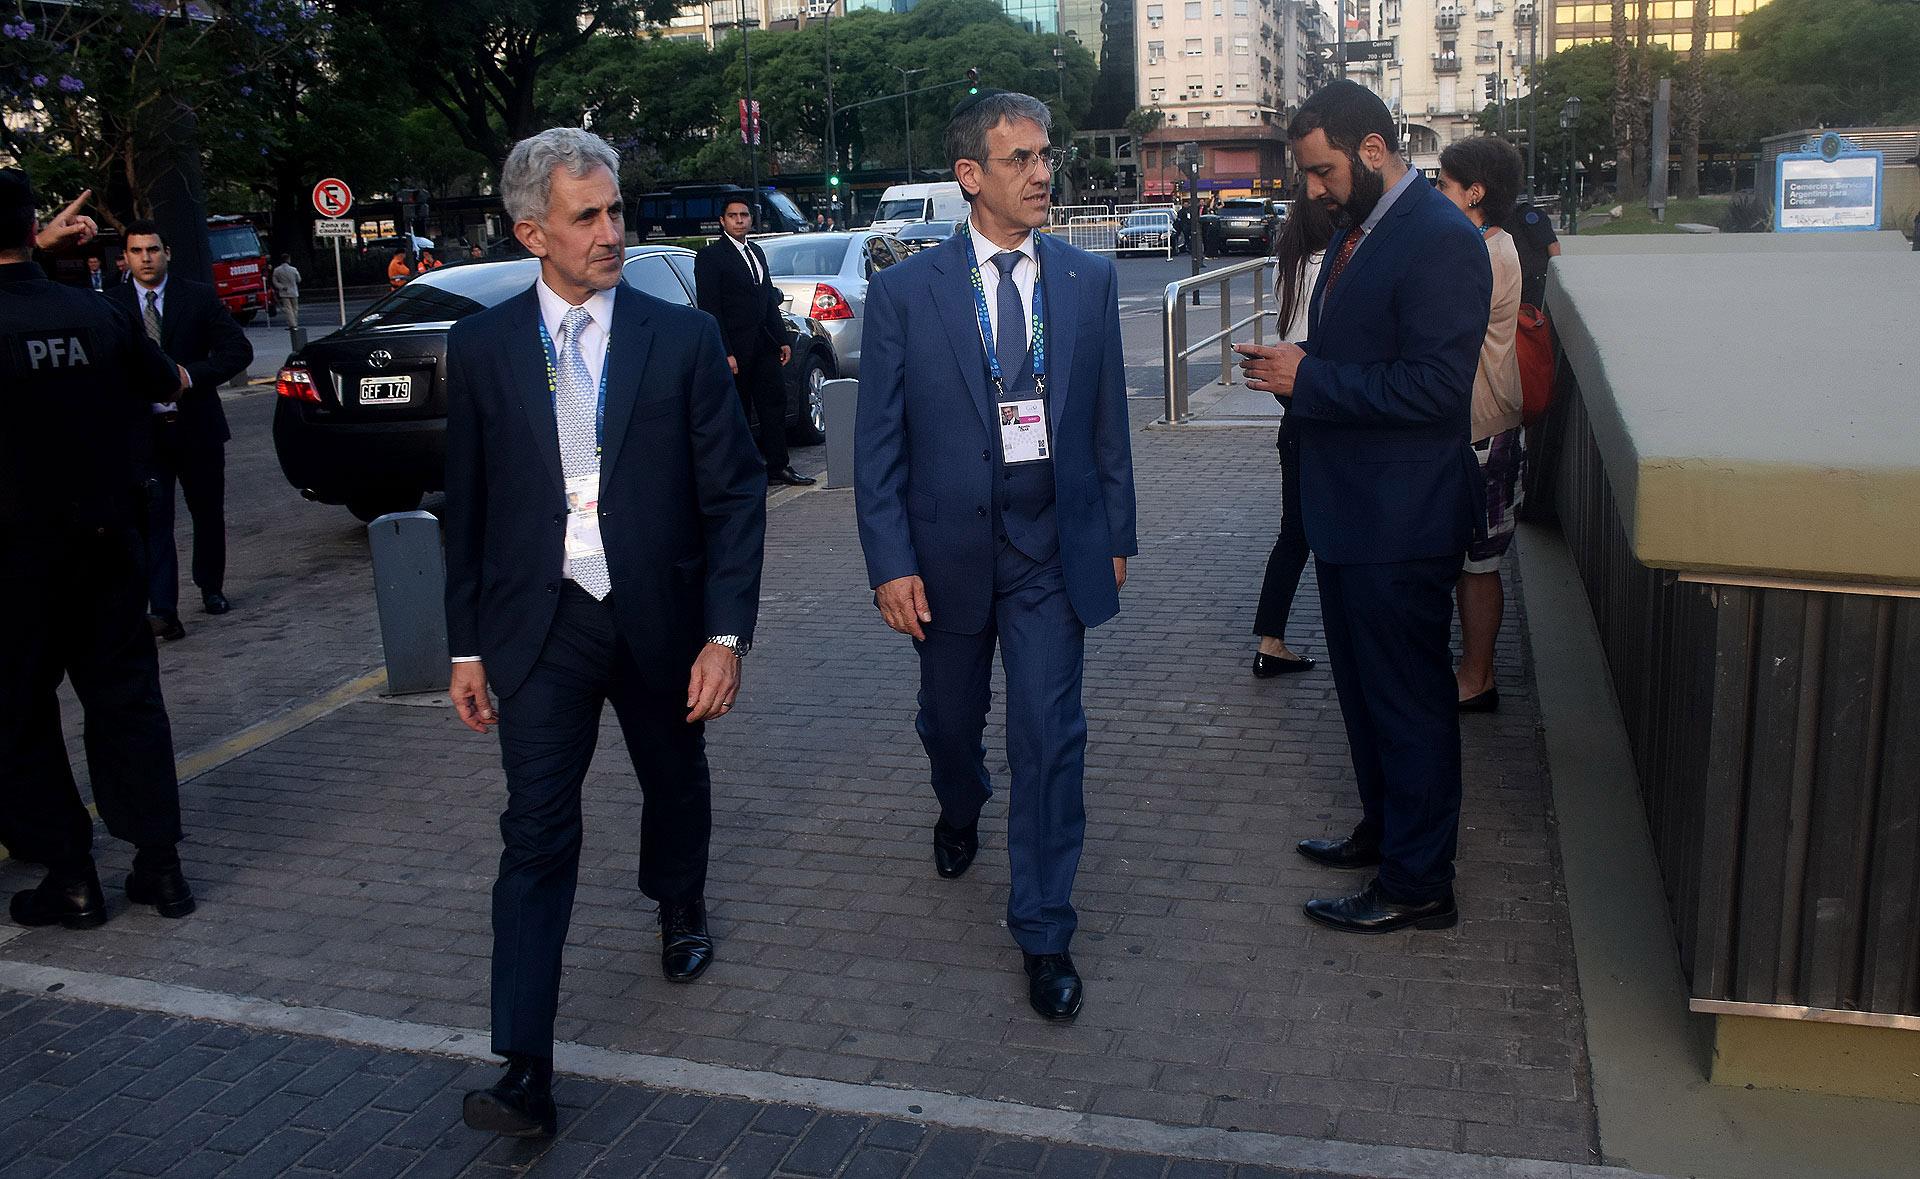 El presidente de la AMIA, Agustín Zbar, junto a Daniel Pomerantz, director ejecutivo de esa entidad